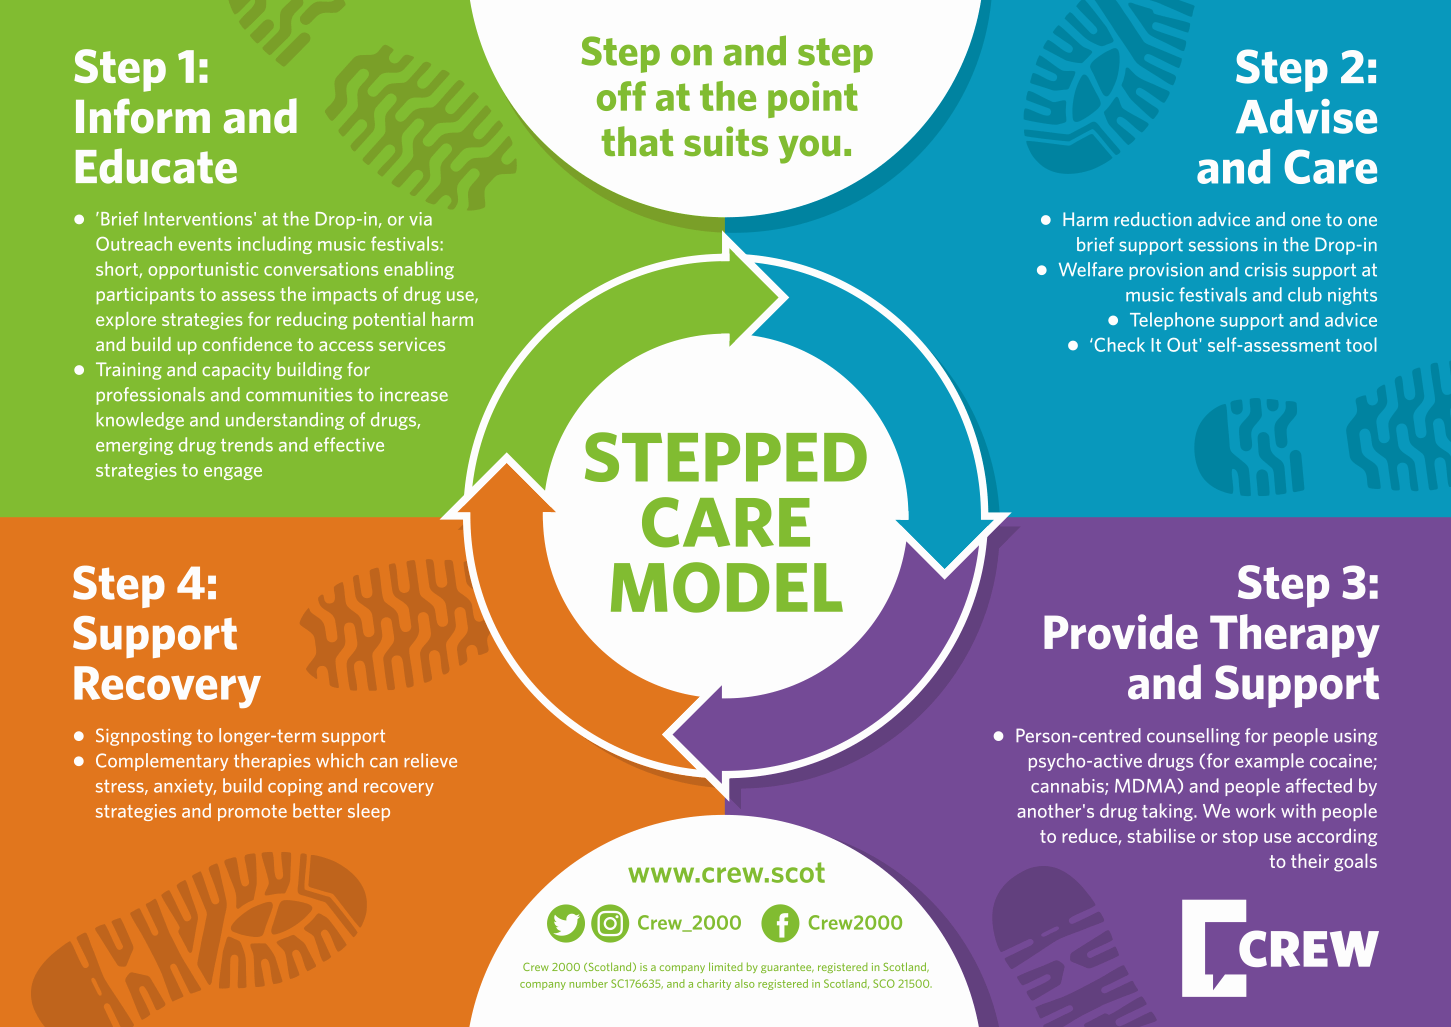 stepped care model diagram